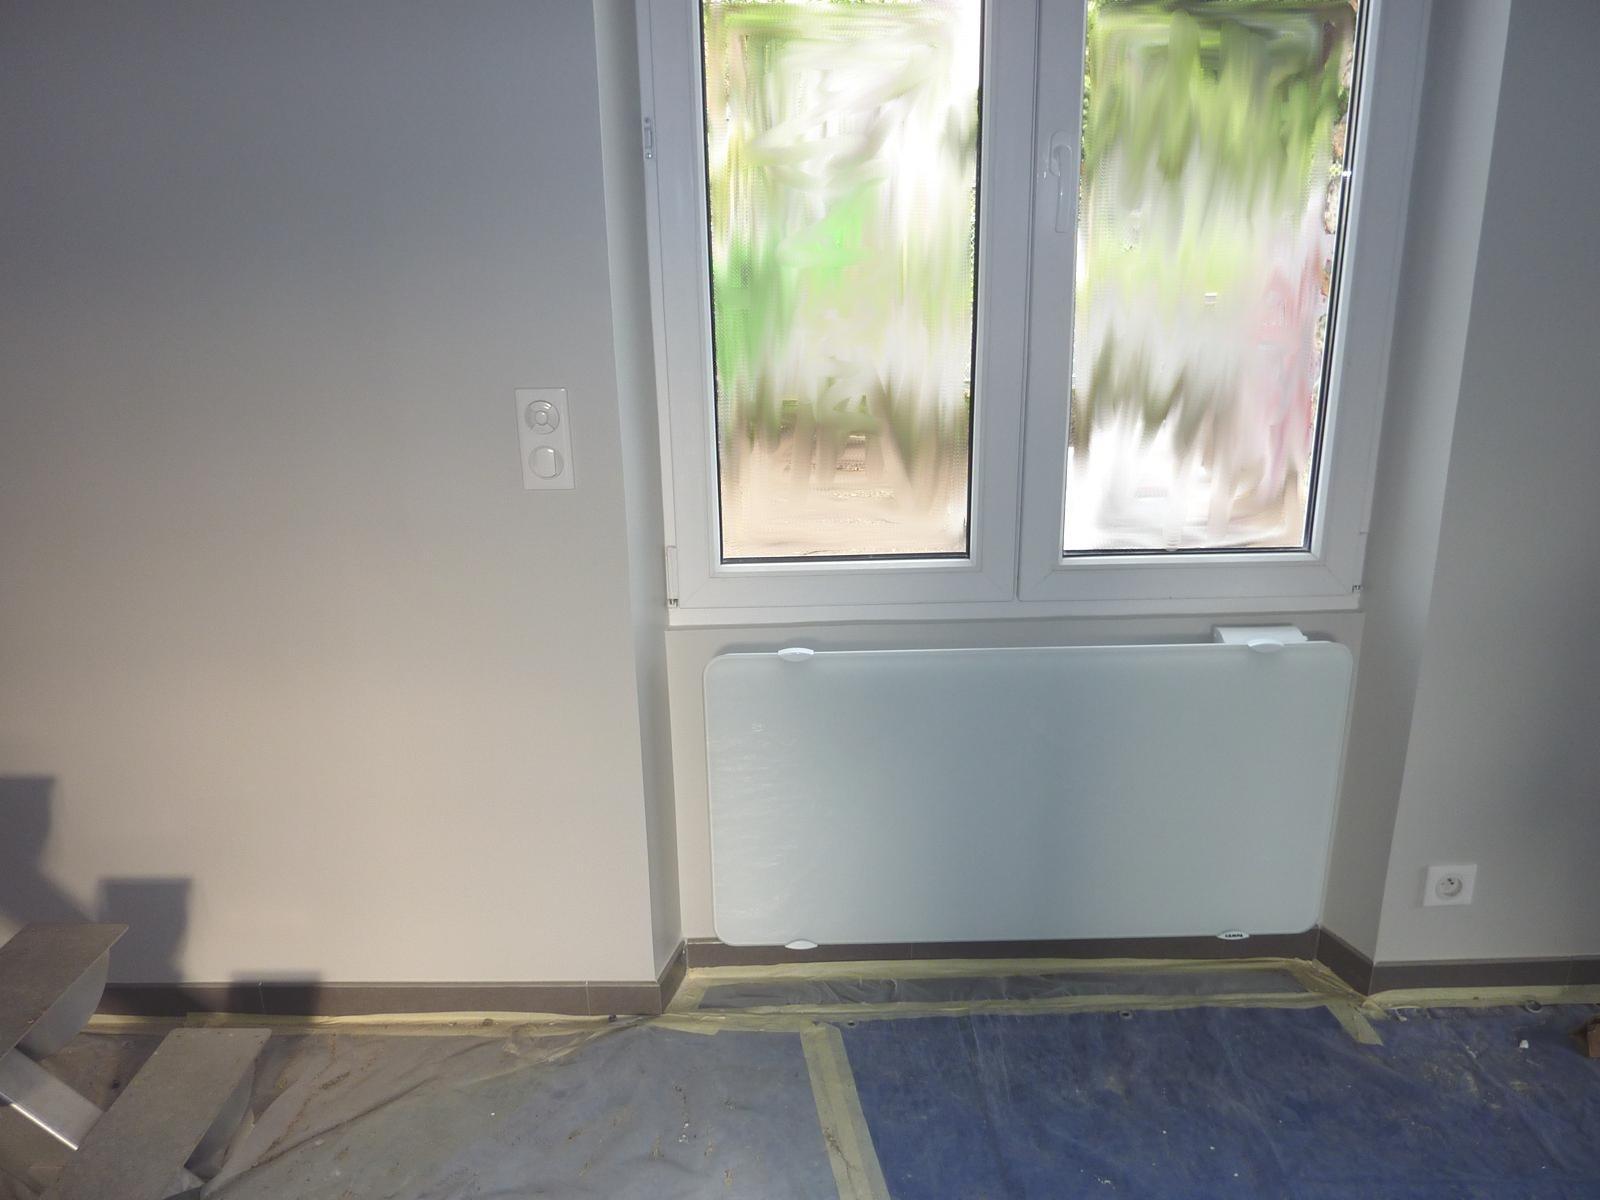 Poussoirs legrand celiane et radiateurs campa ma maison domotique for Comcampa radiateur verre